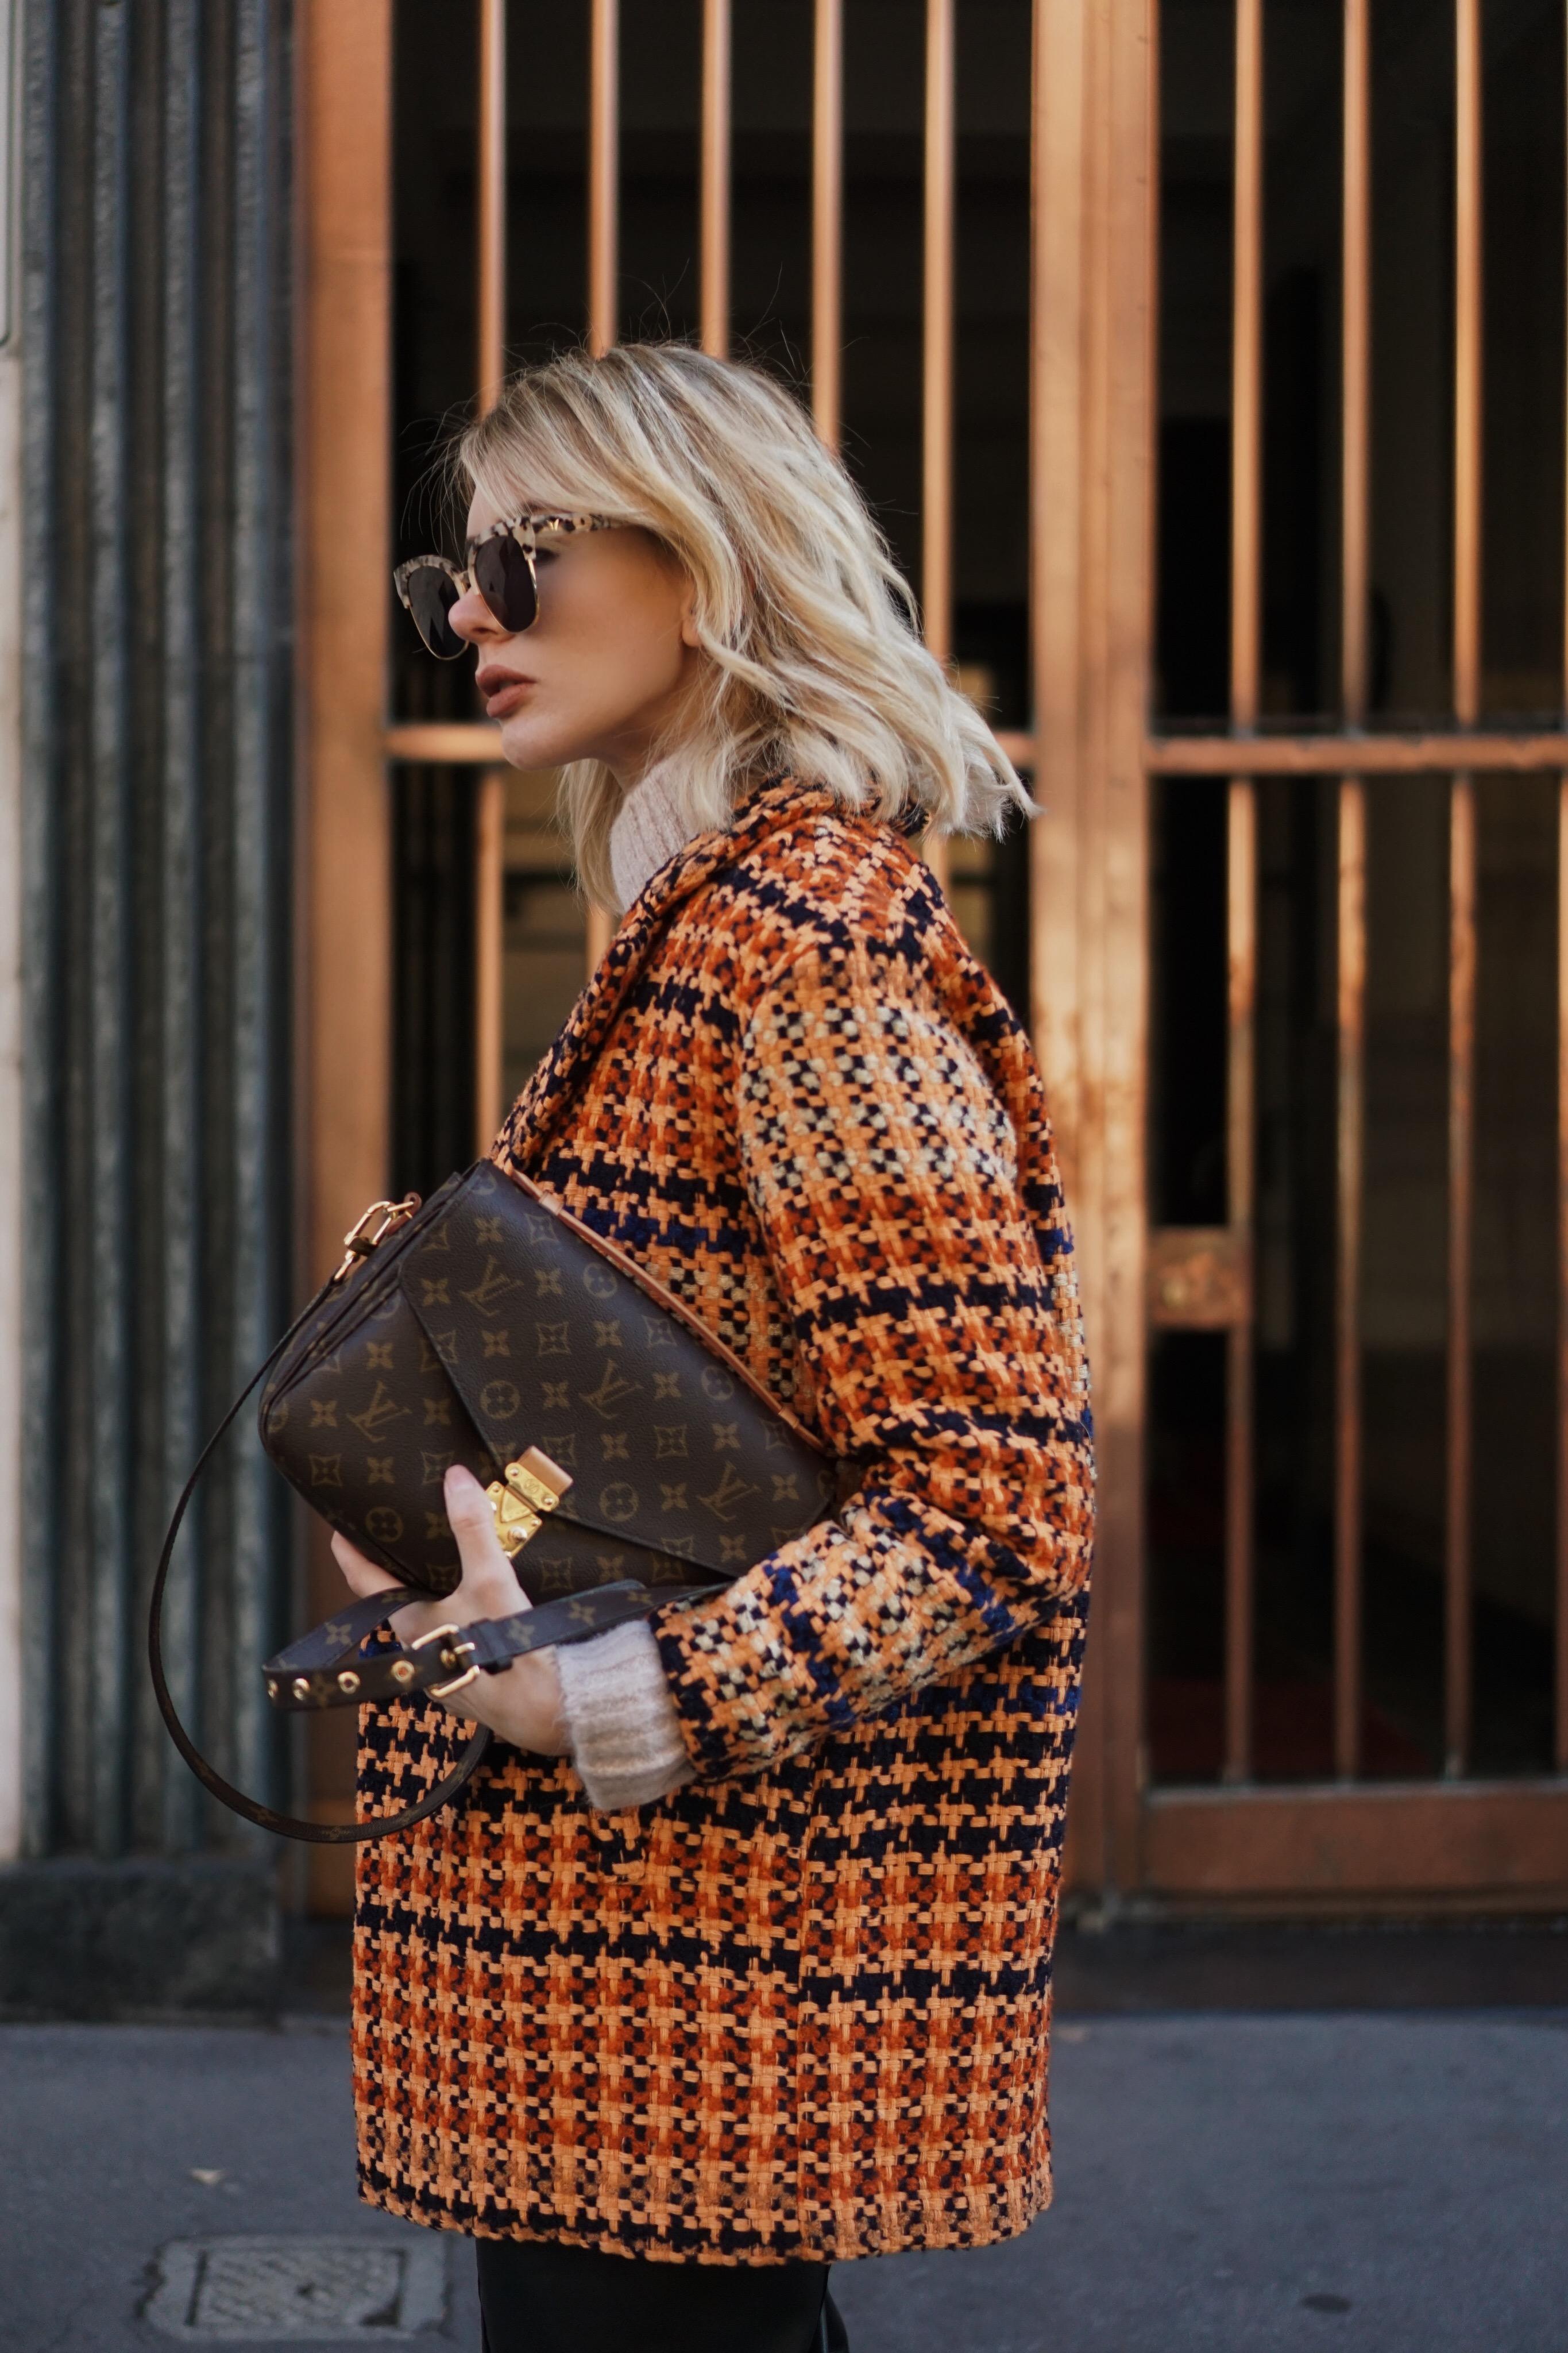 Streetstyle – Tweedmantel, Leder Culottes und Pochette Metis